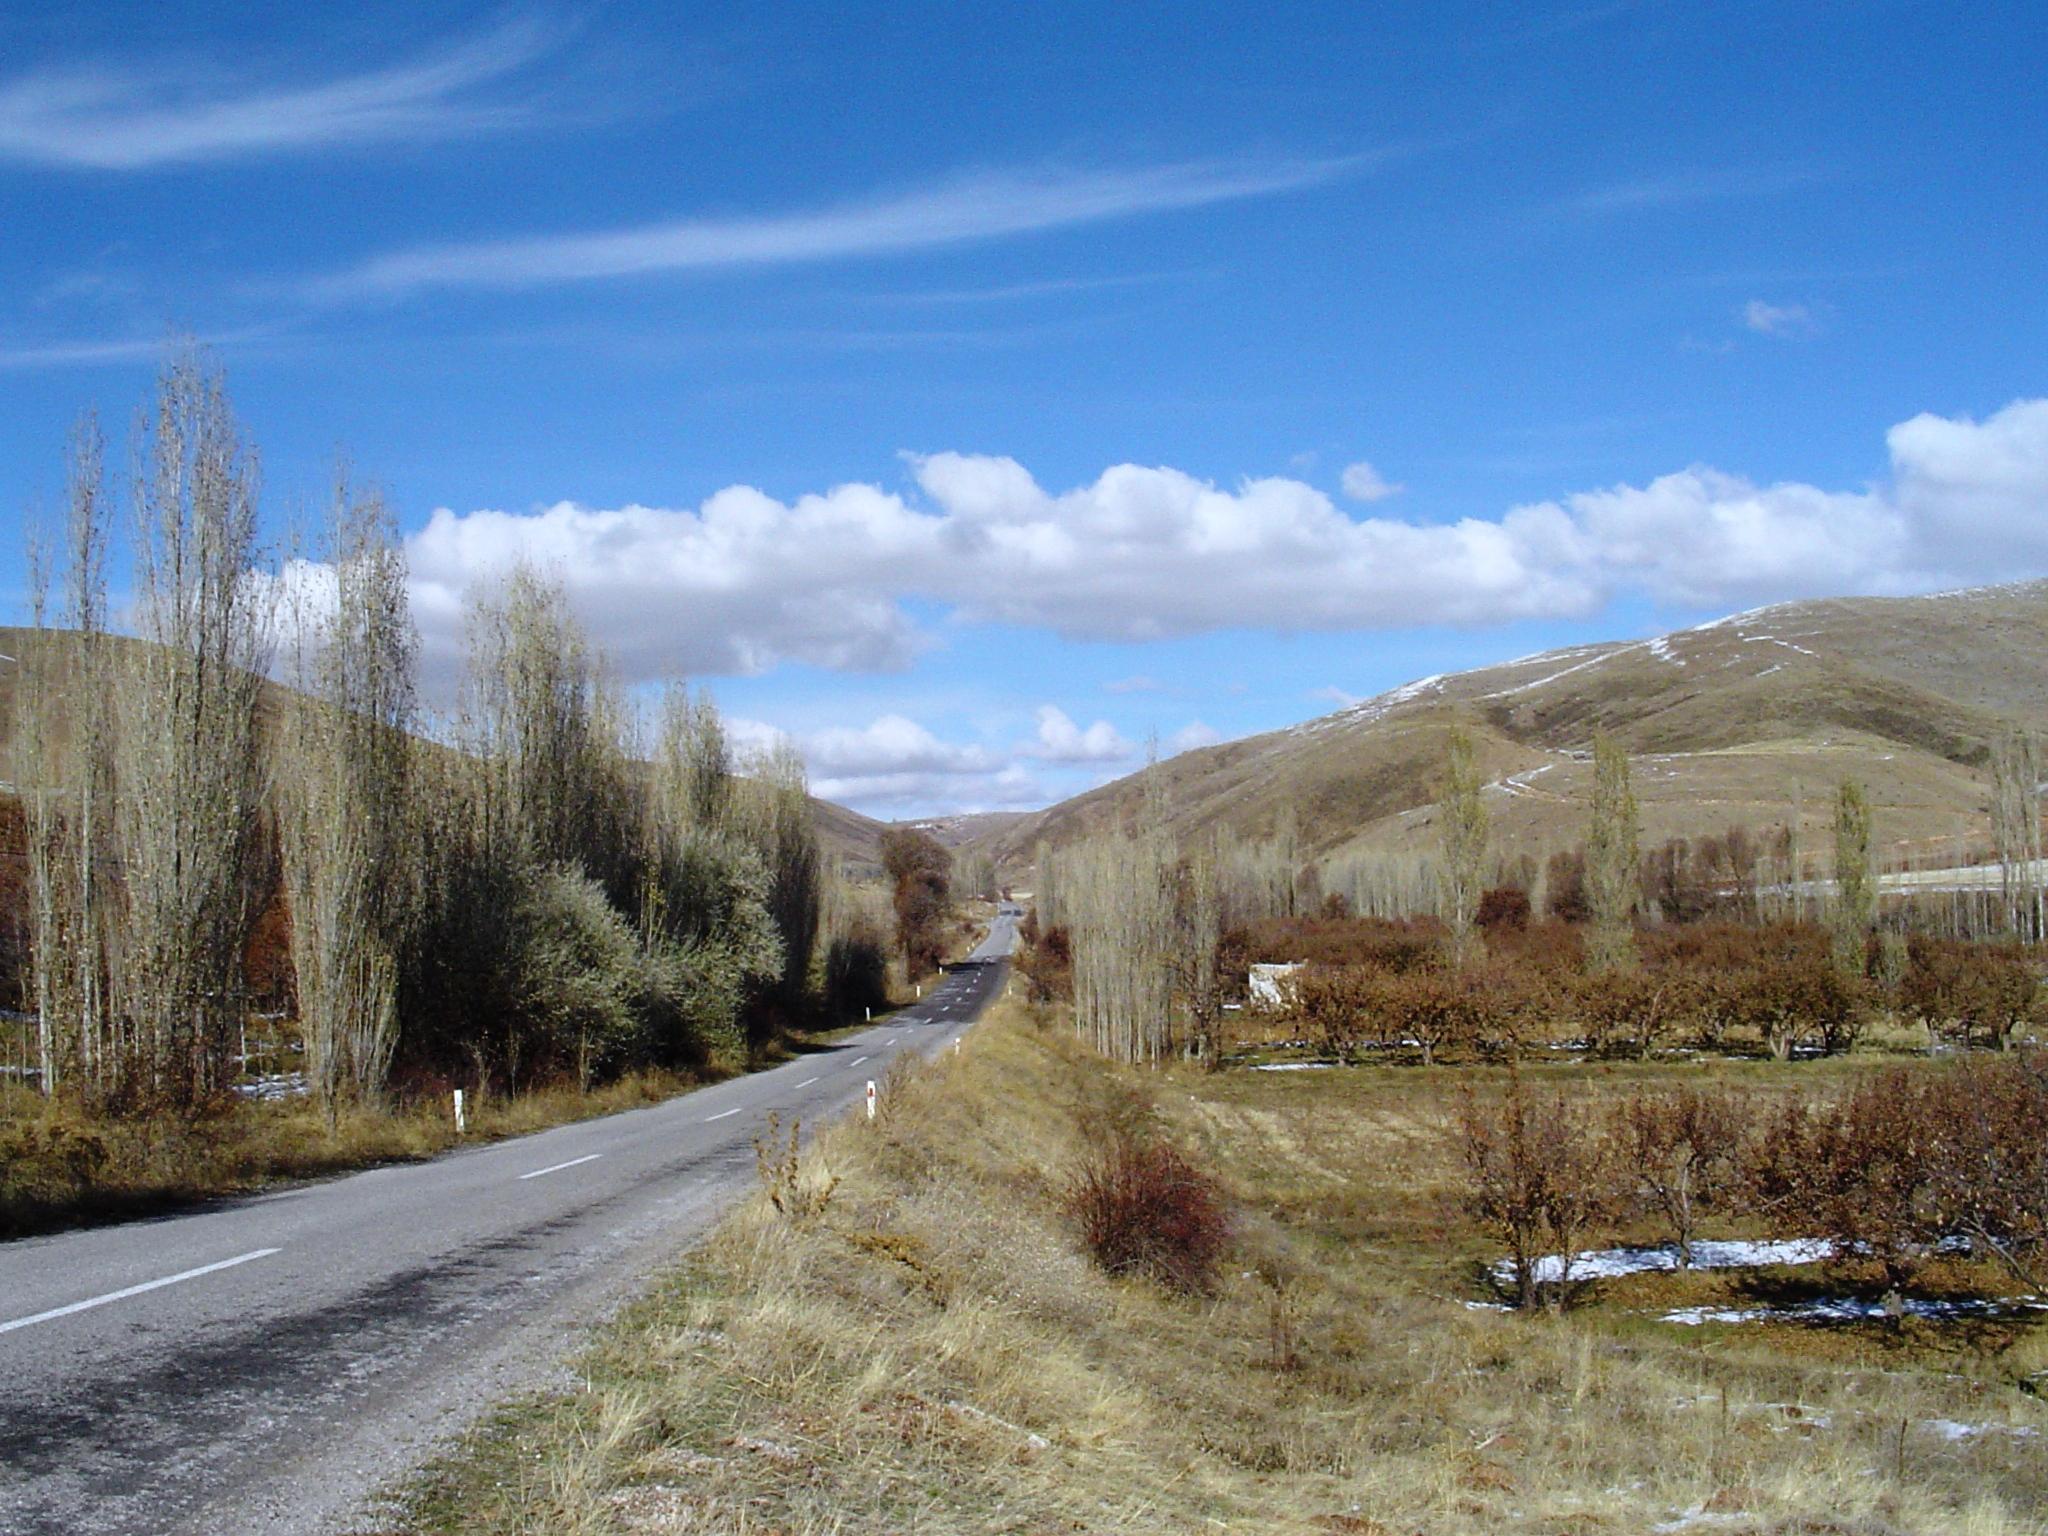 File:Camardi-Pozanti Landroute.jpg - Wikimedia Commons